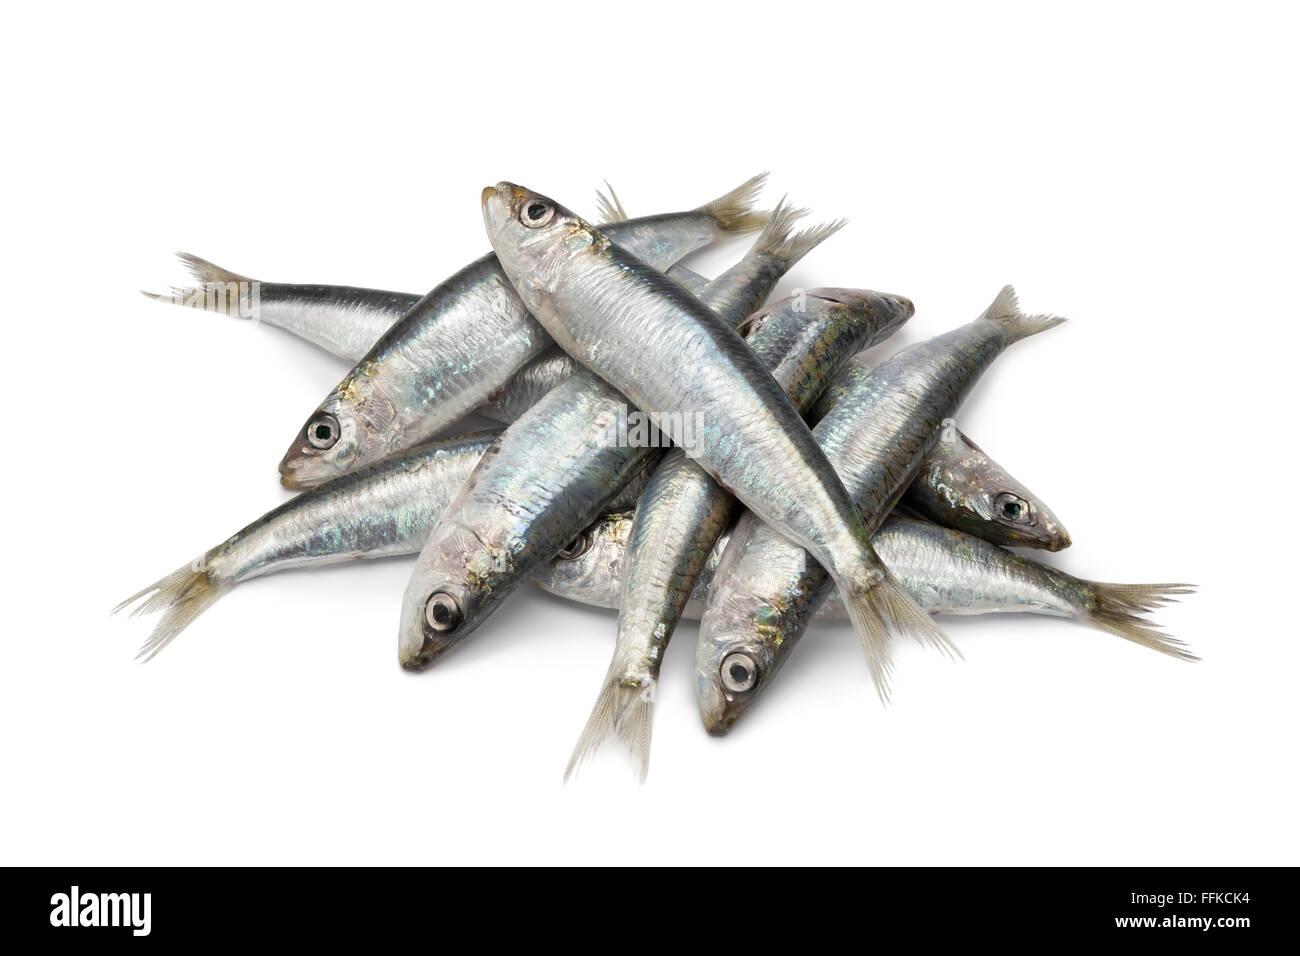 Matières premières fraîches sardines sur fond blanc Photo Stock